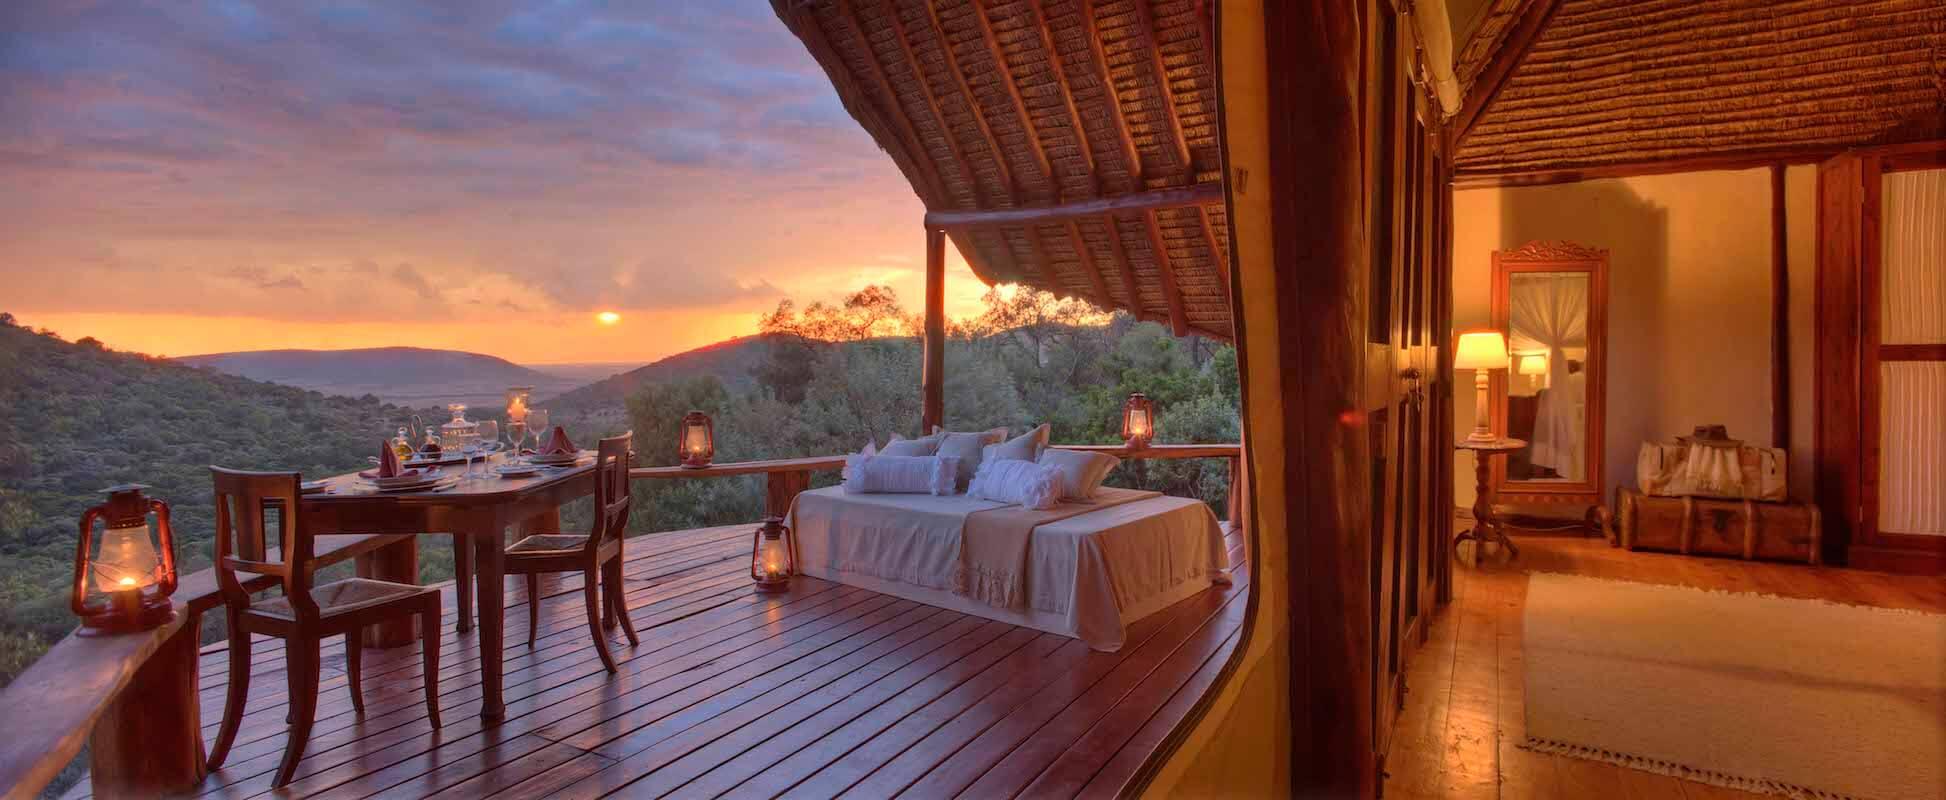 Kenya_MasaiMara_SaruniMara_Love Shack Honeymoon Suite_Private Dining_View